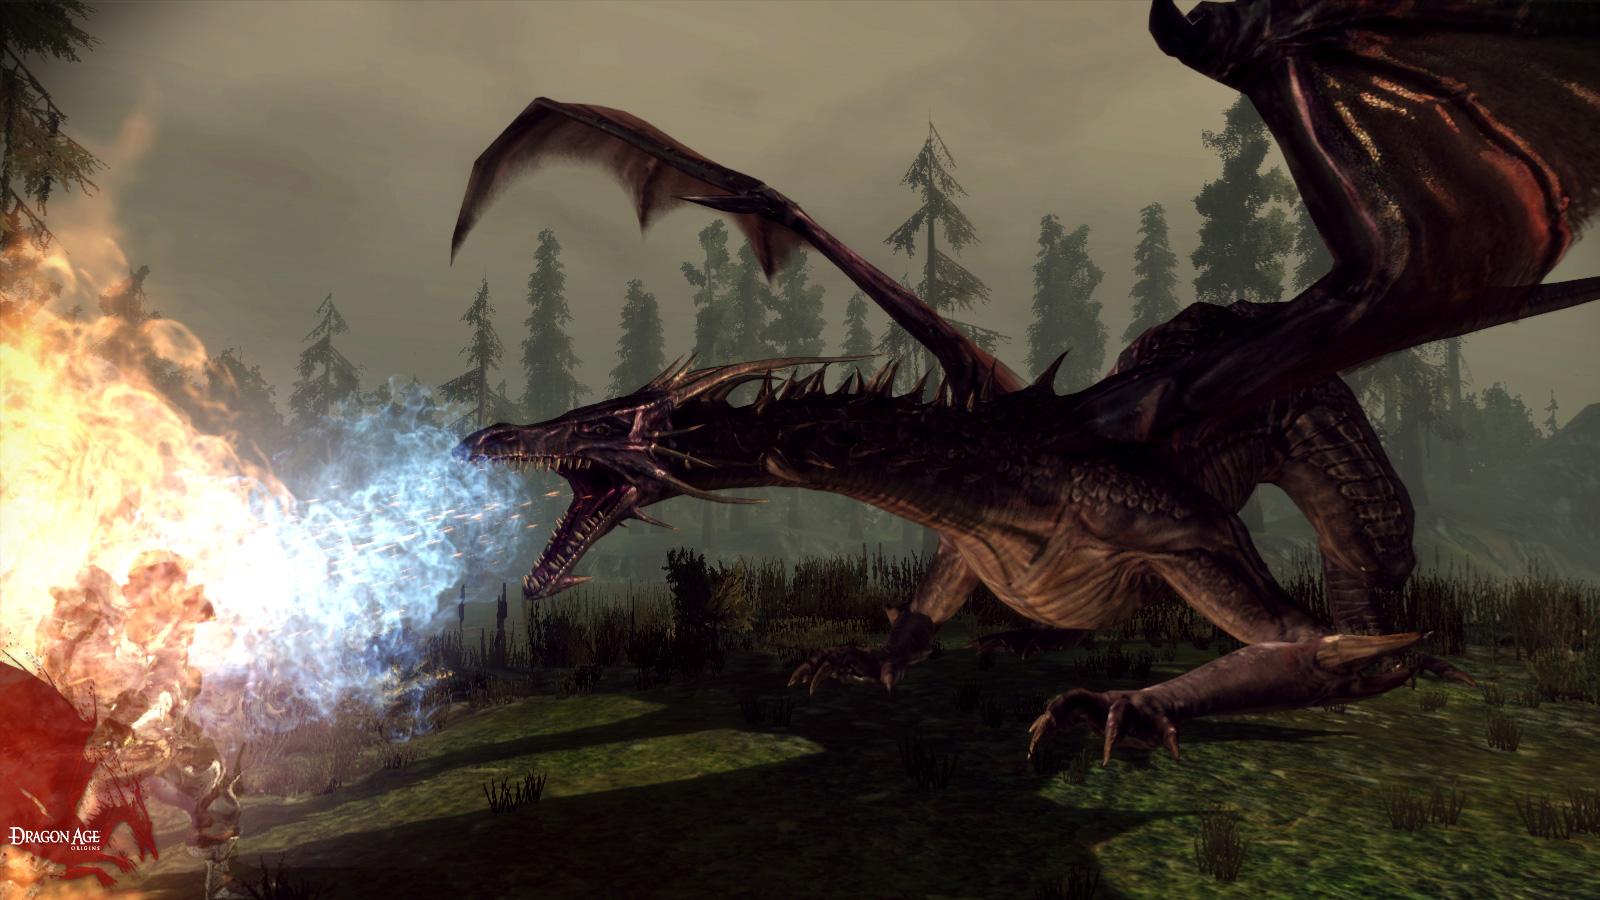 А это значит, что для любого геймера, кто готов купить i of the dragon